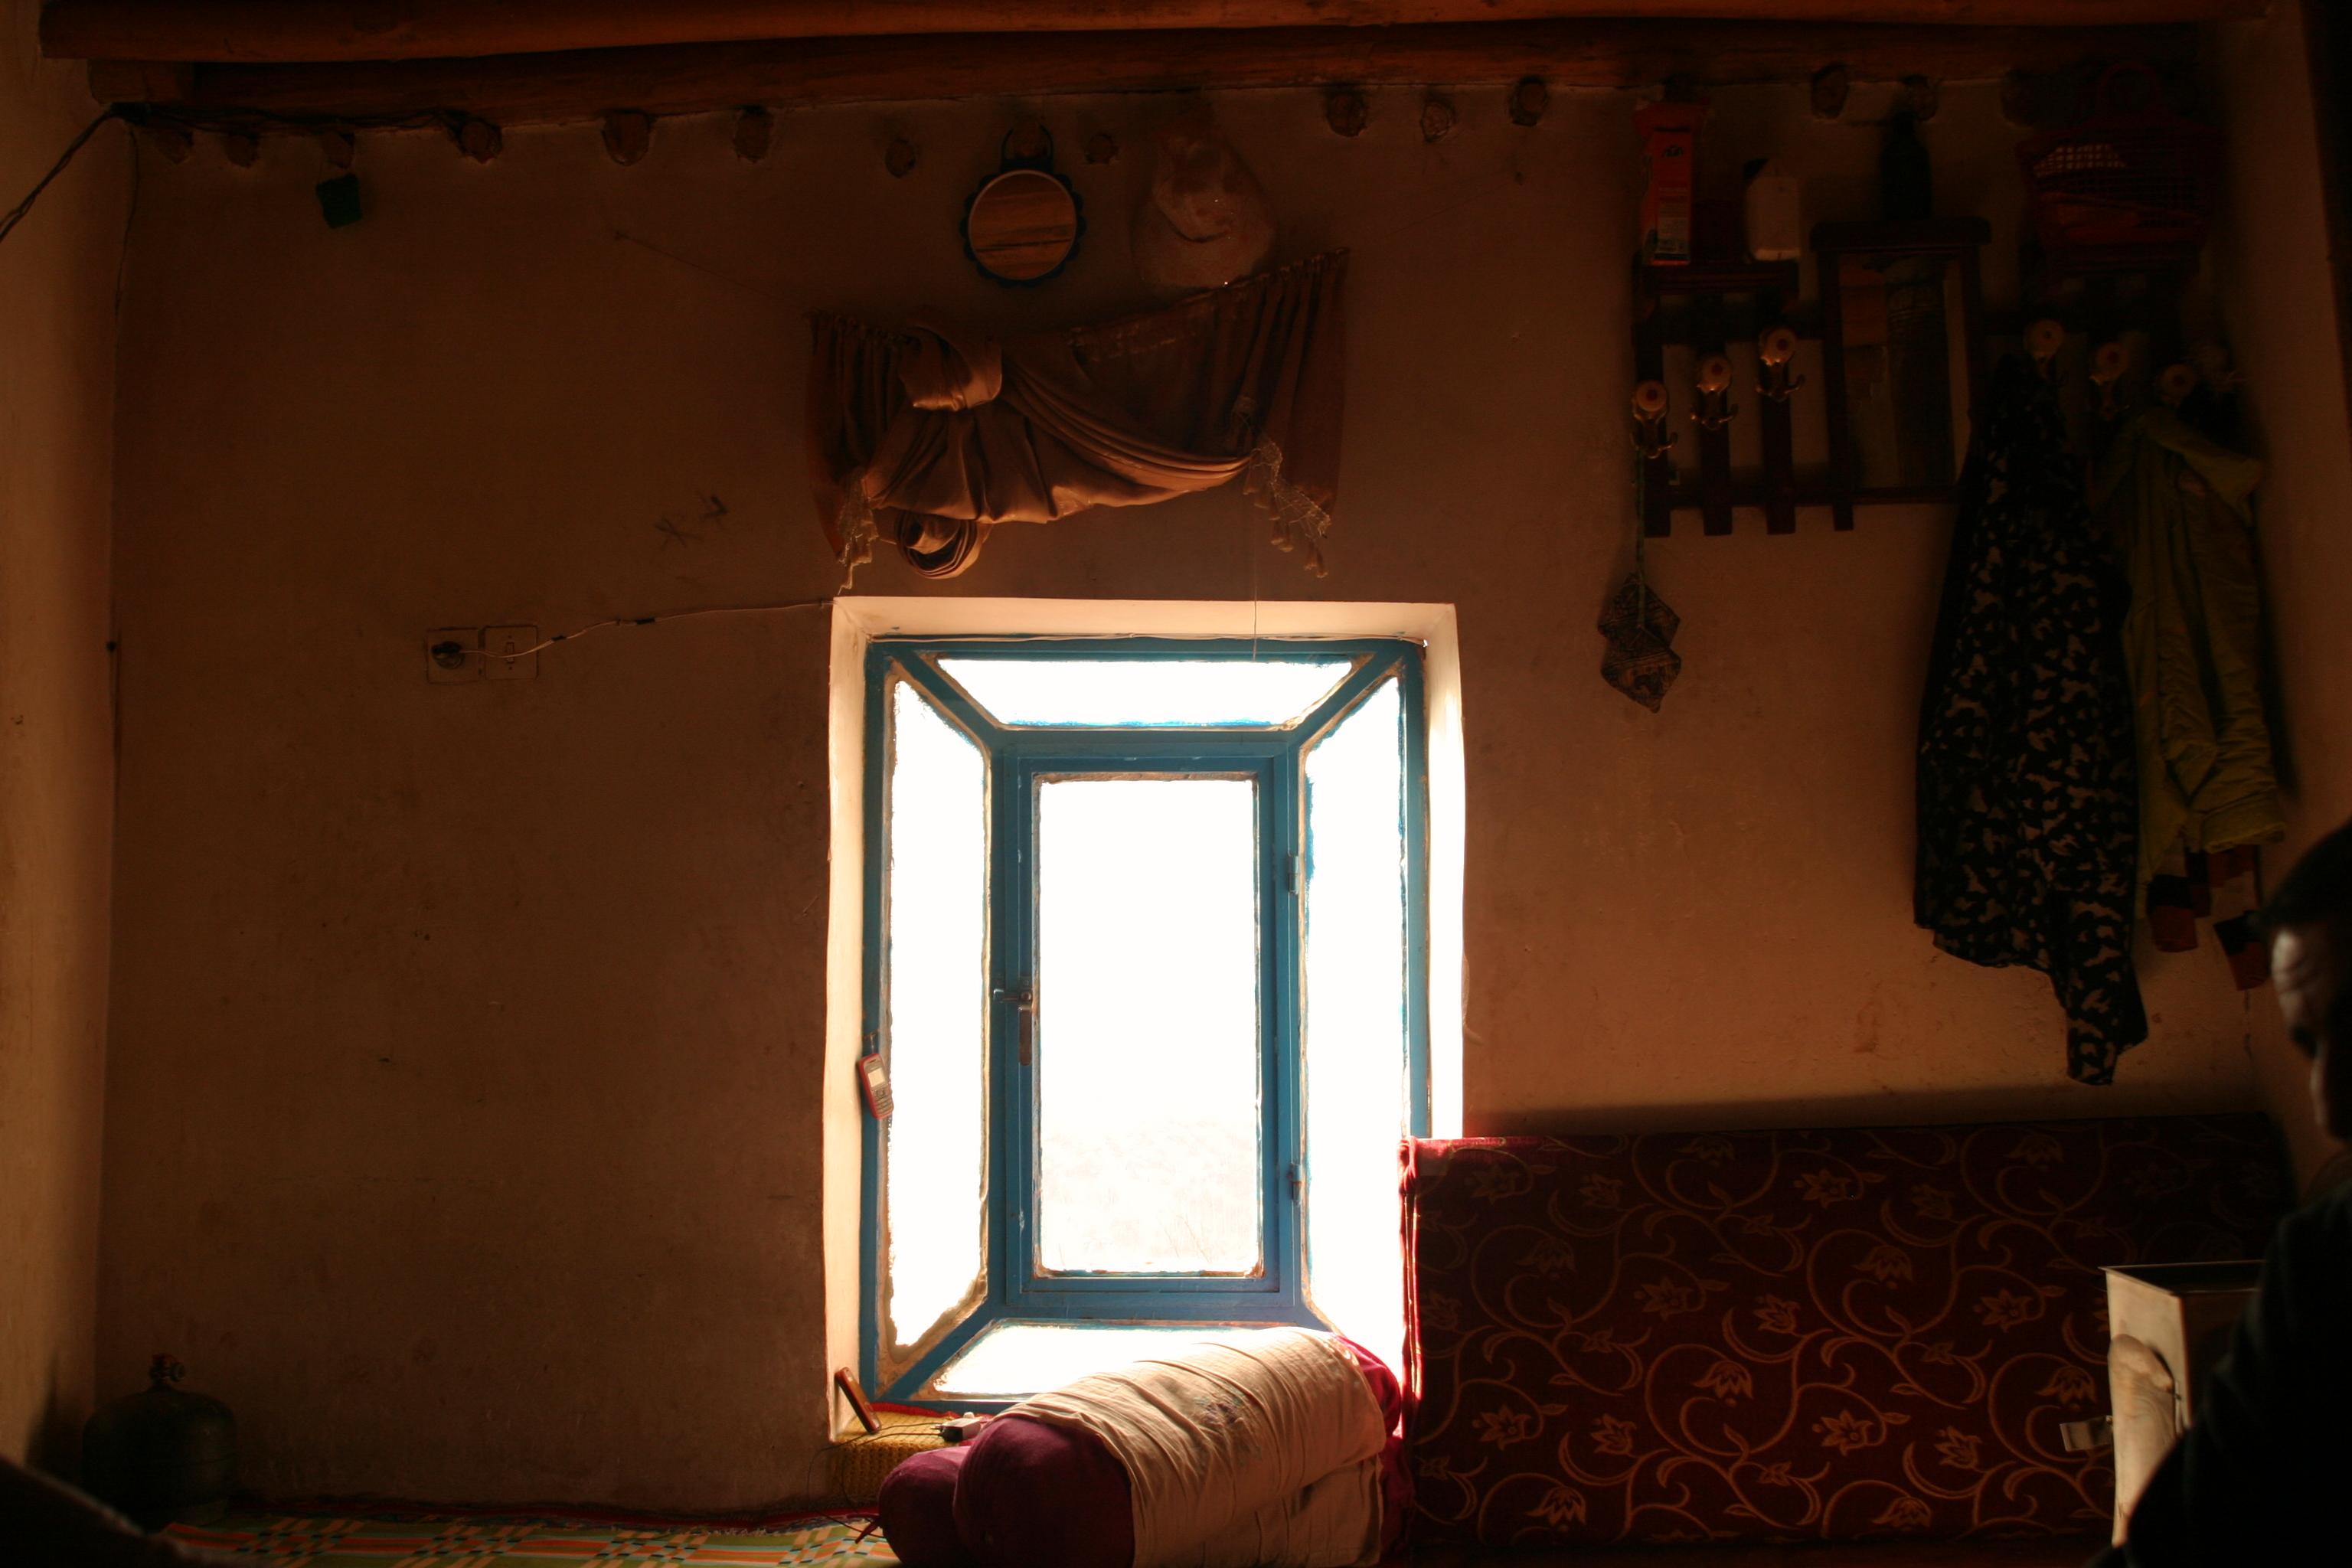 شاید فکر کنید پشت این پنجره اتفاق جدیدیست، یا زندگی در جریان است؛ اما شما فقط امیدوارید که اینگونه باشد!